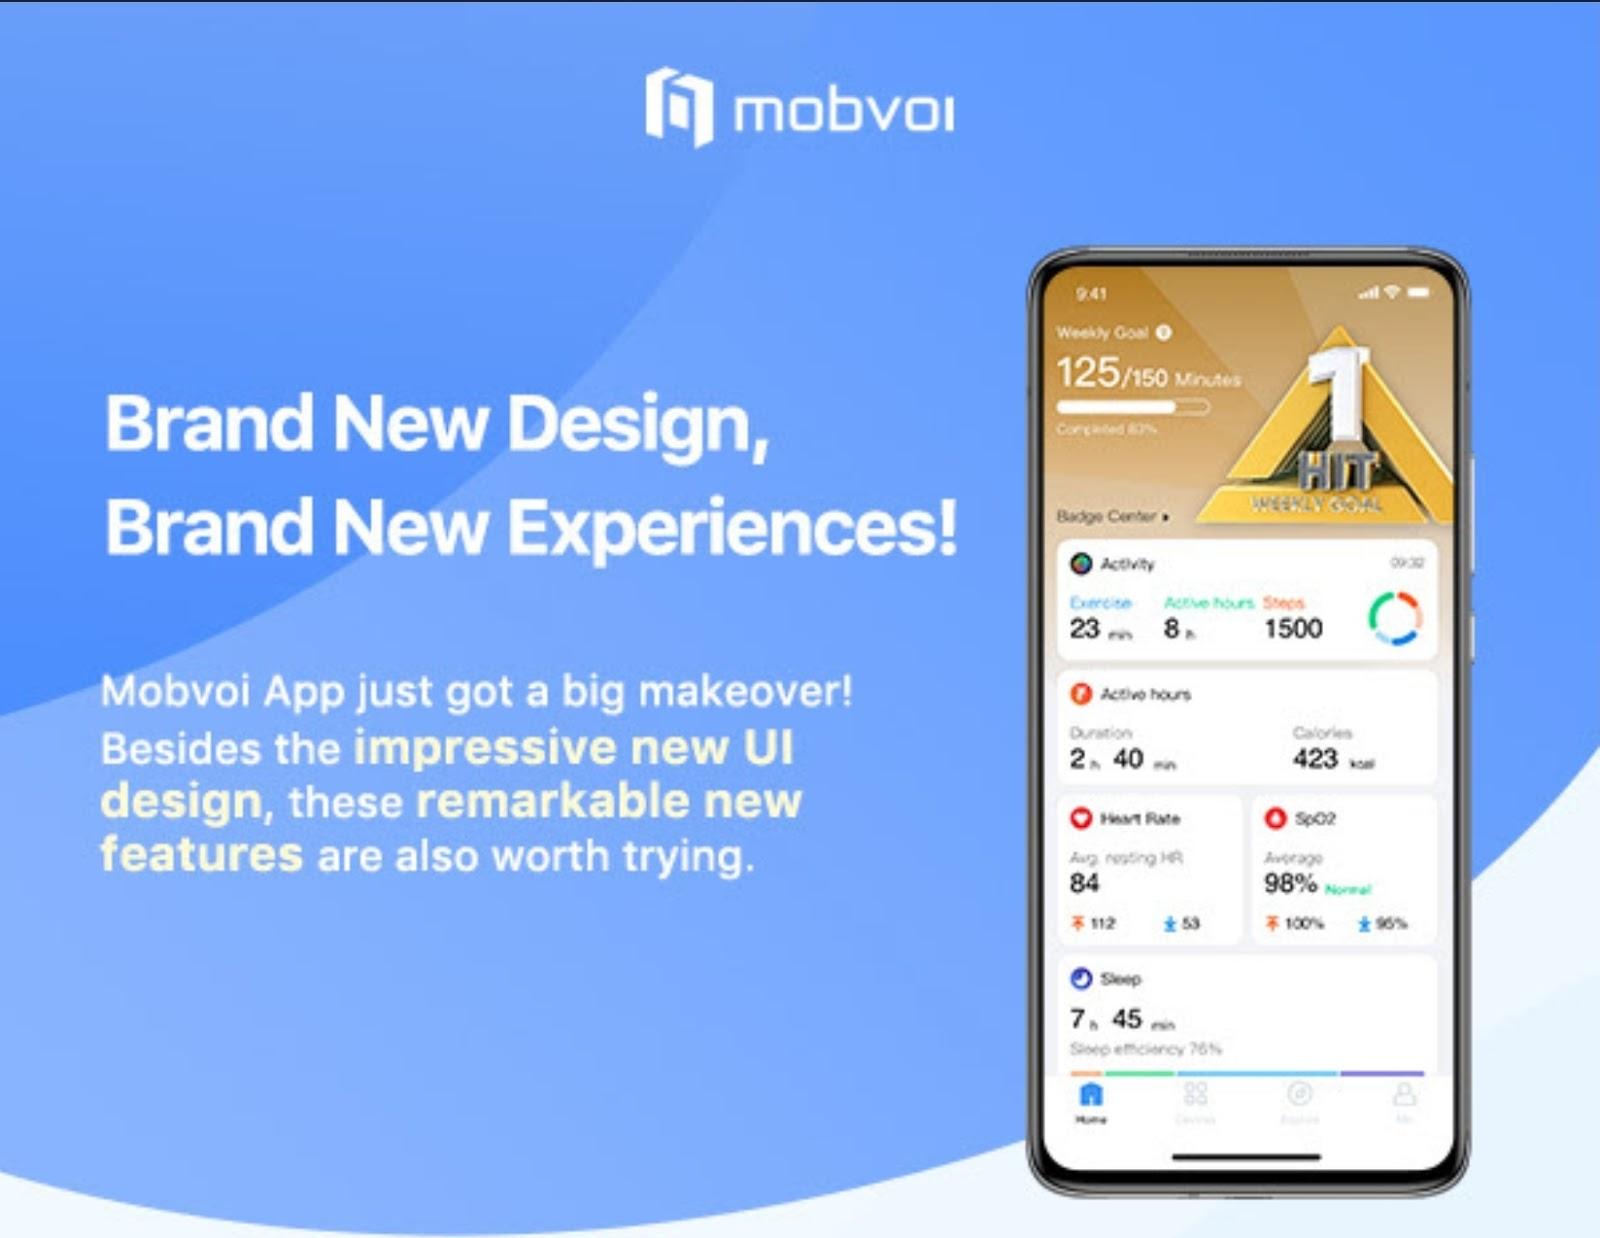 Mobvoi App สำหรับ Ticwatch อัพเดทแอพใหม่ ยกดีไซน์ใหม่ กับประสบการณ์ใหม่ที่ง่ายขึ้น